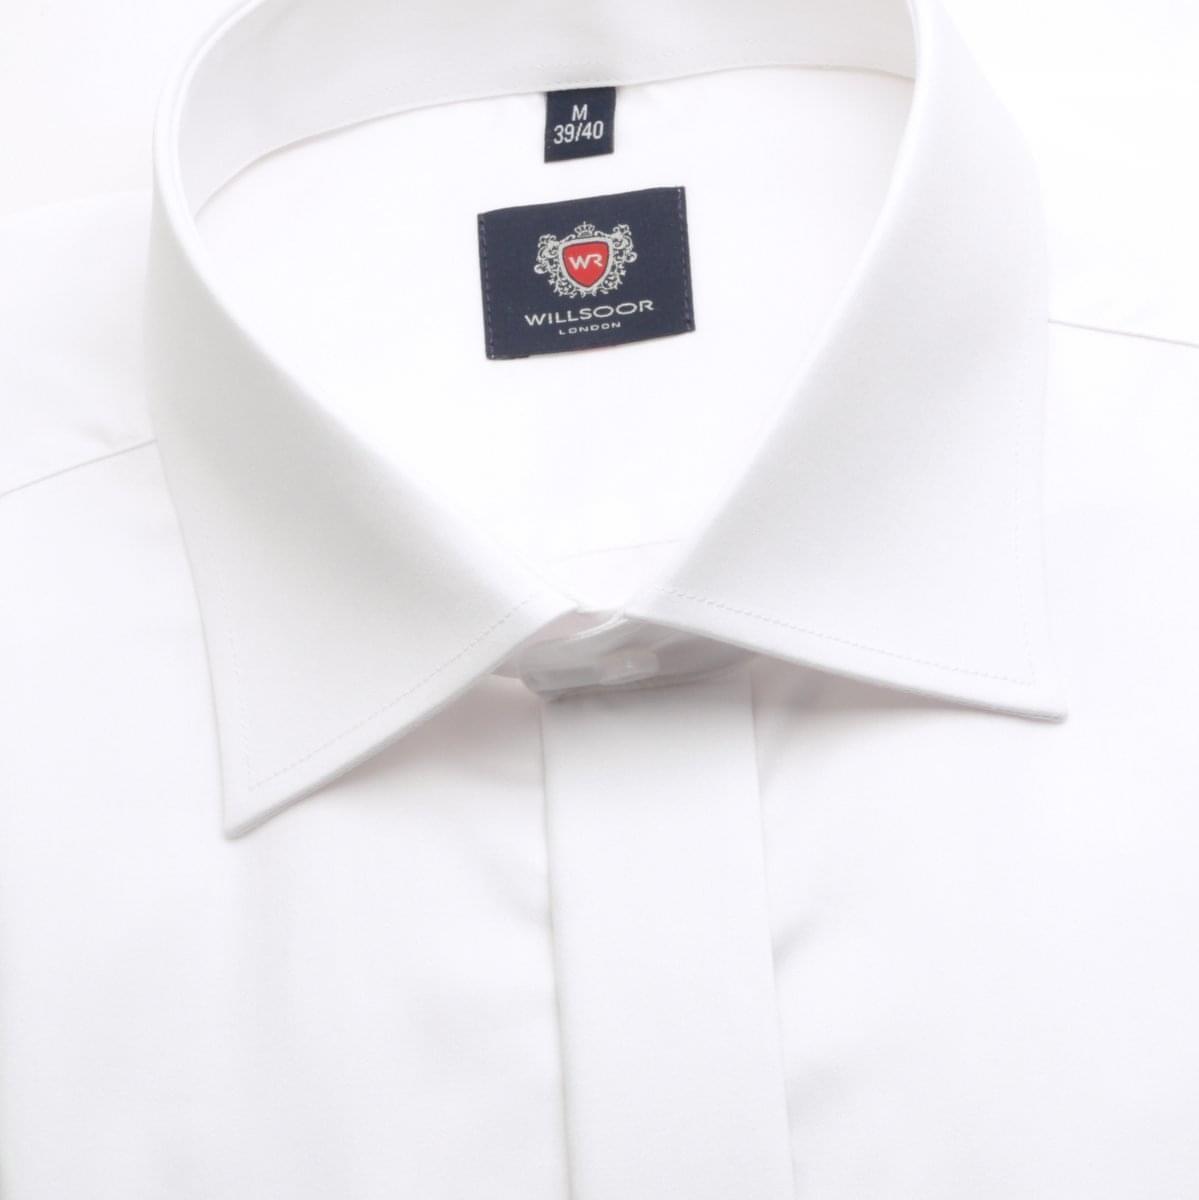 Pánská košile WR London v bílé barvě (výška 176-182) 5260 176-182 / XL (43/44)